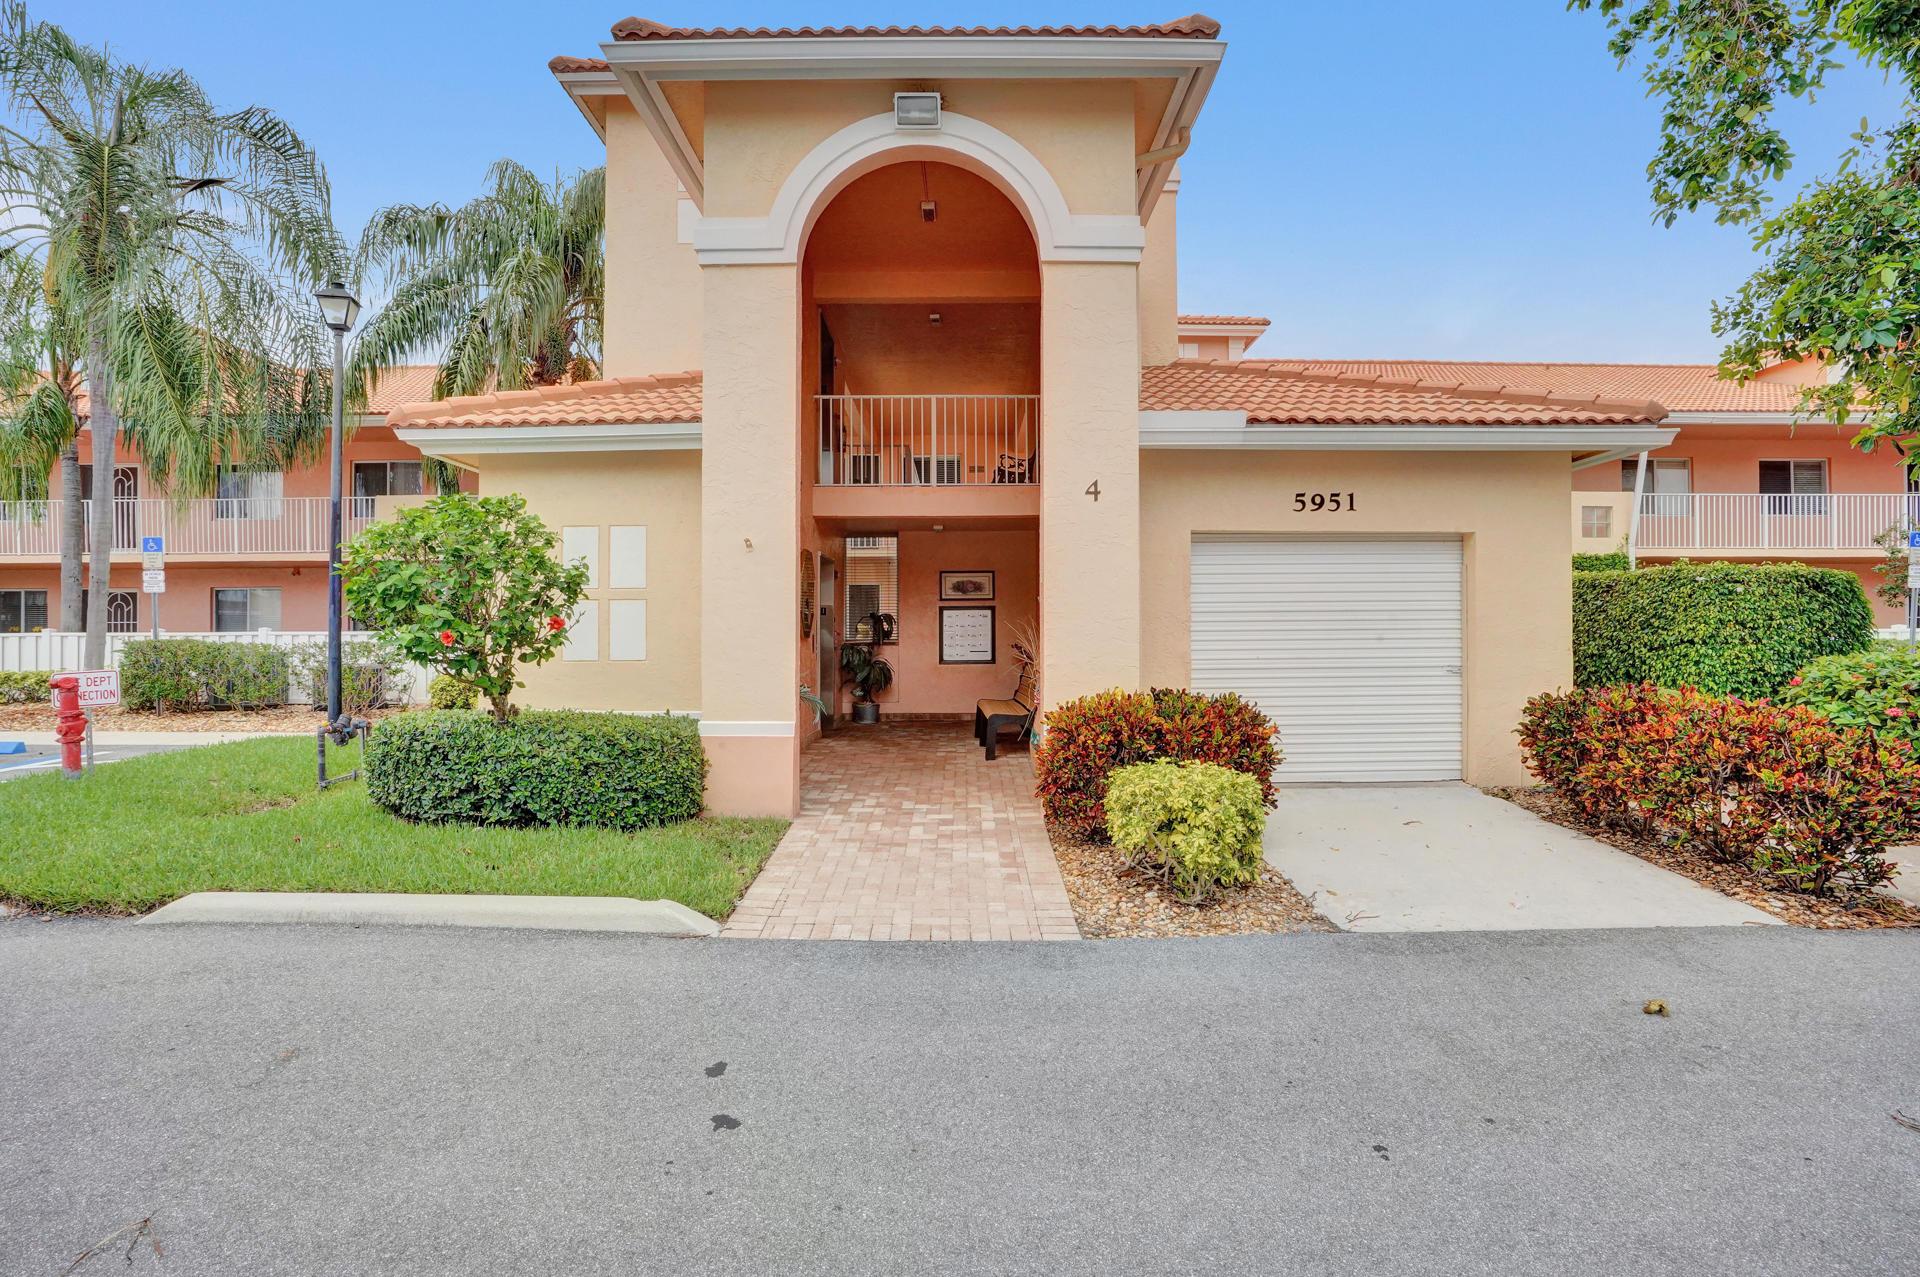 5951 Regal Glen Drive 201 Boynton Beach, FL 33437